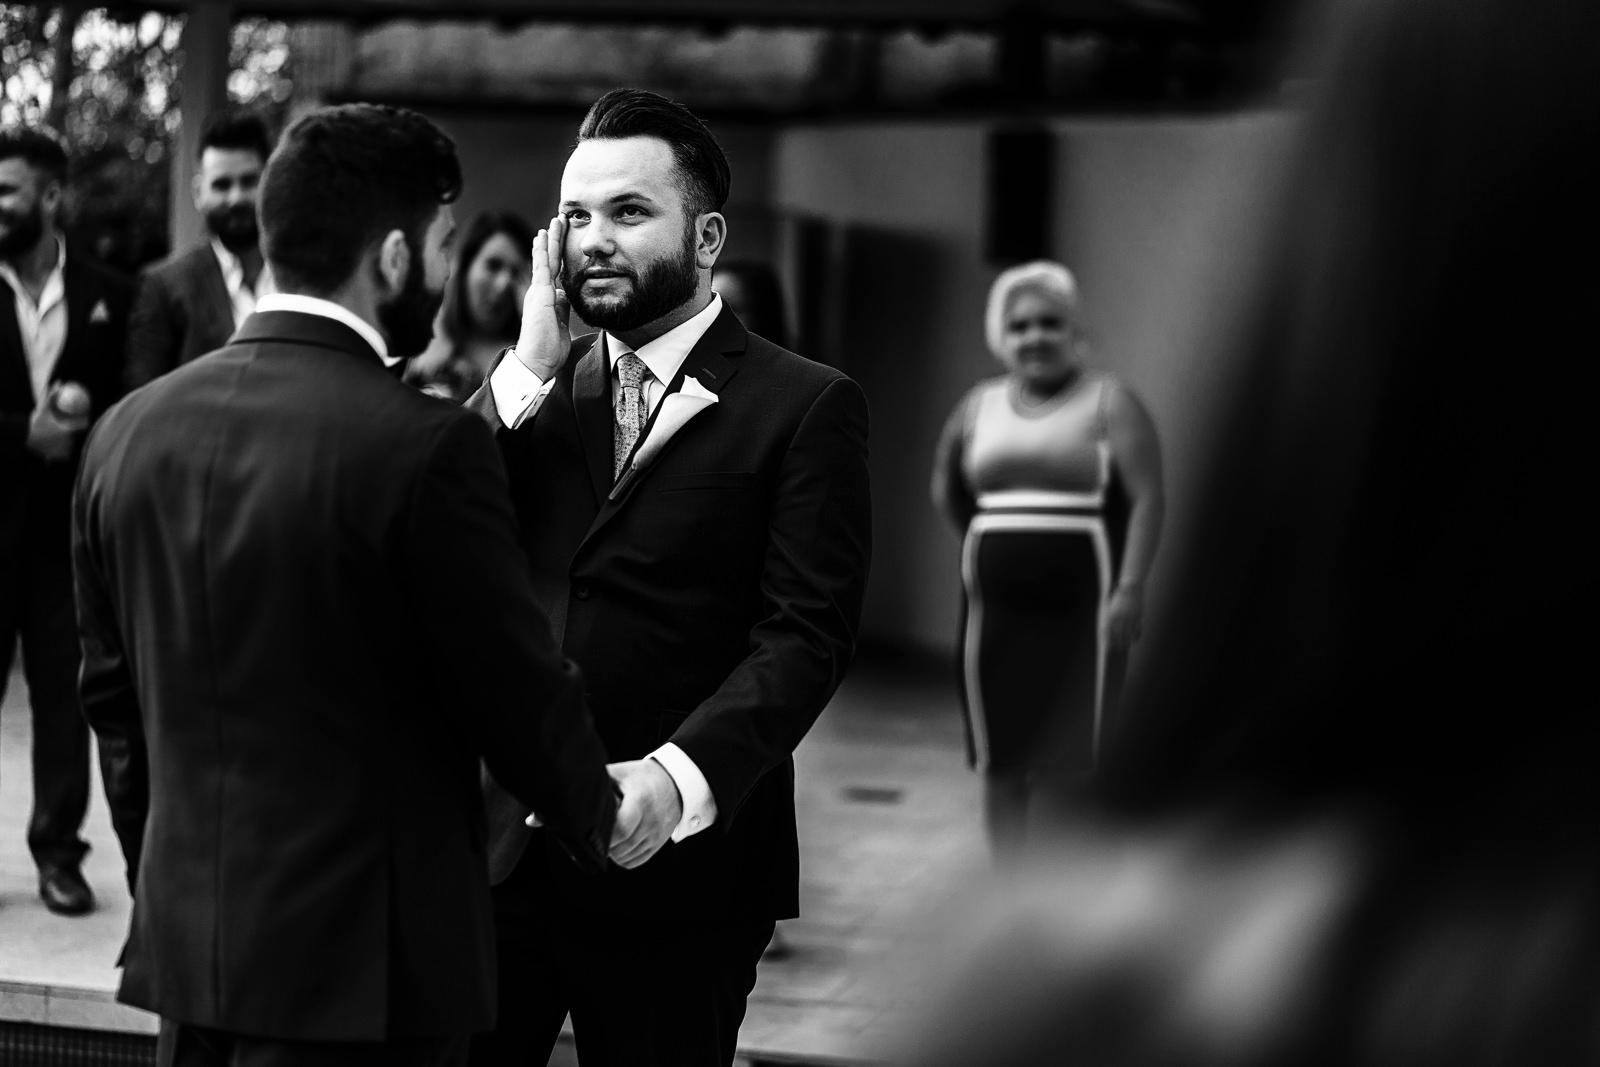 gay-grooms-tears